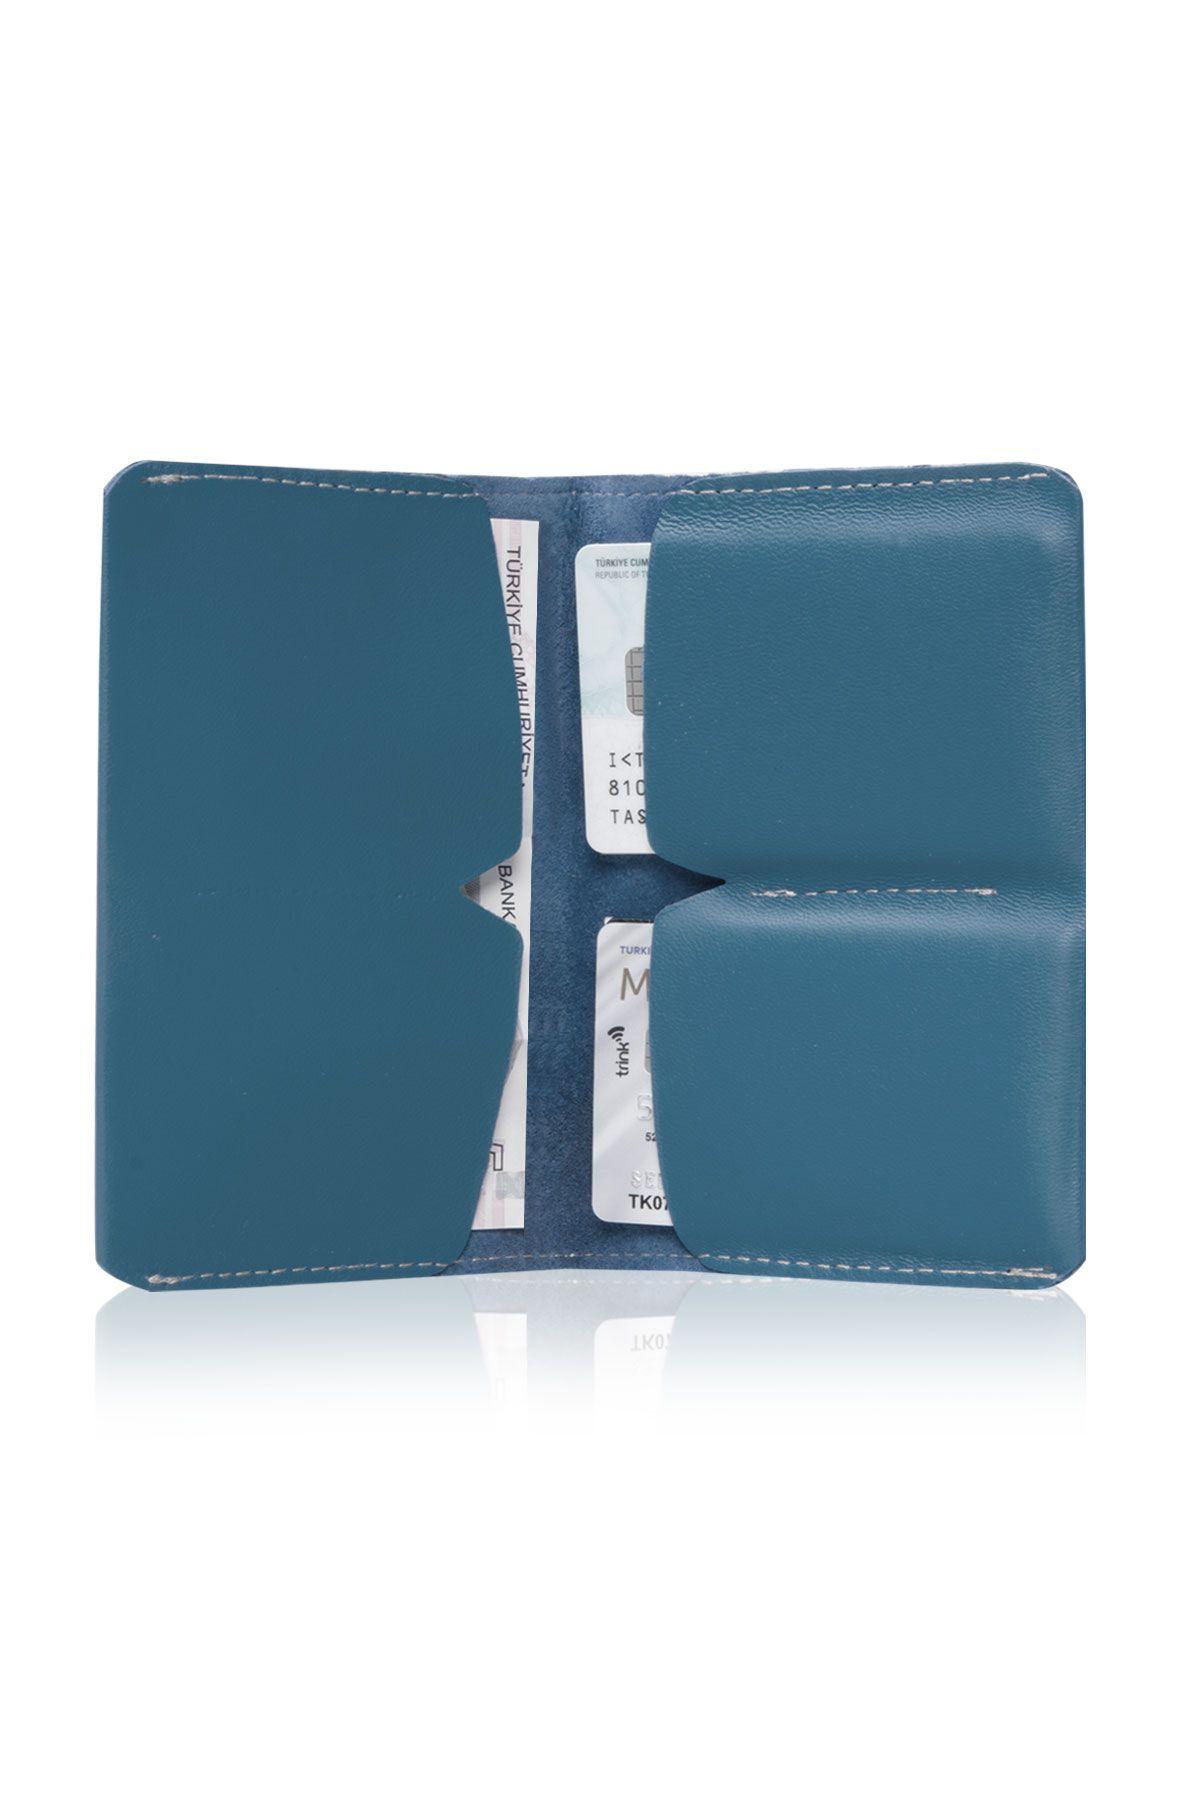 Pegia Hakiki Deri Büyük Boy Cüzdan 19CZ301 Turquoise